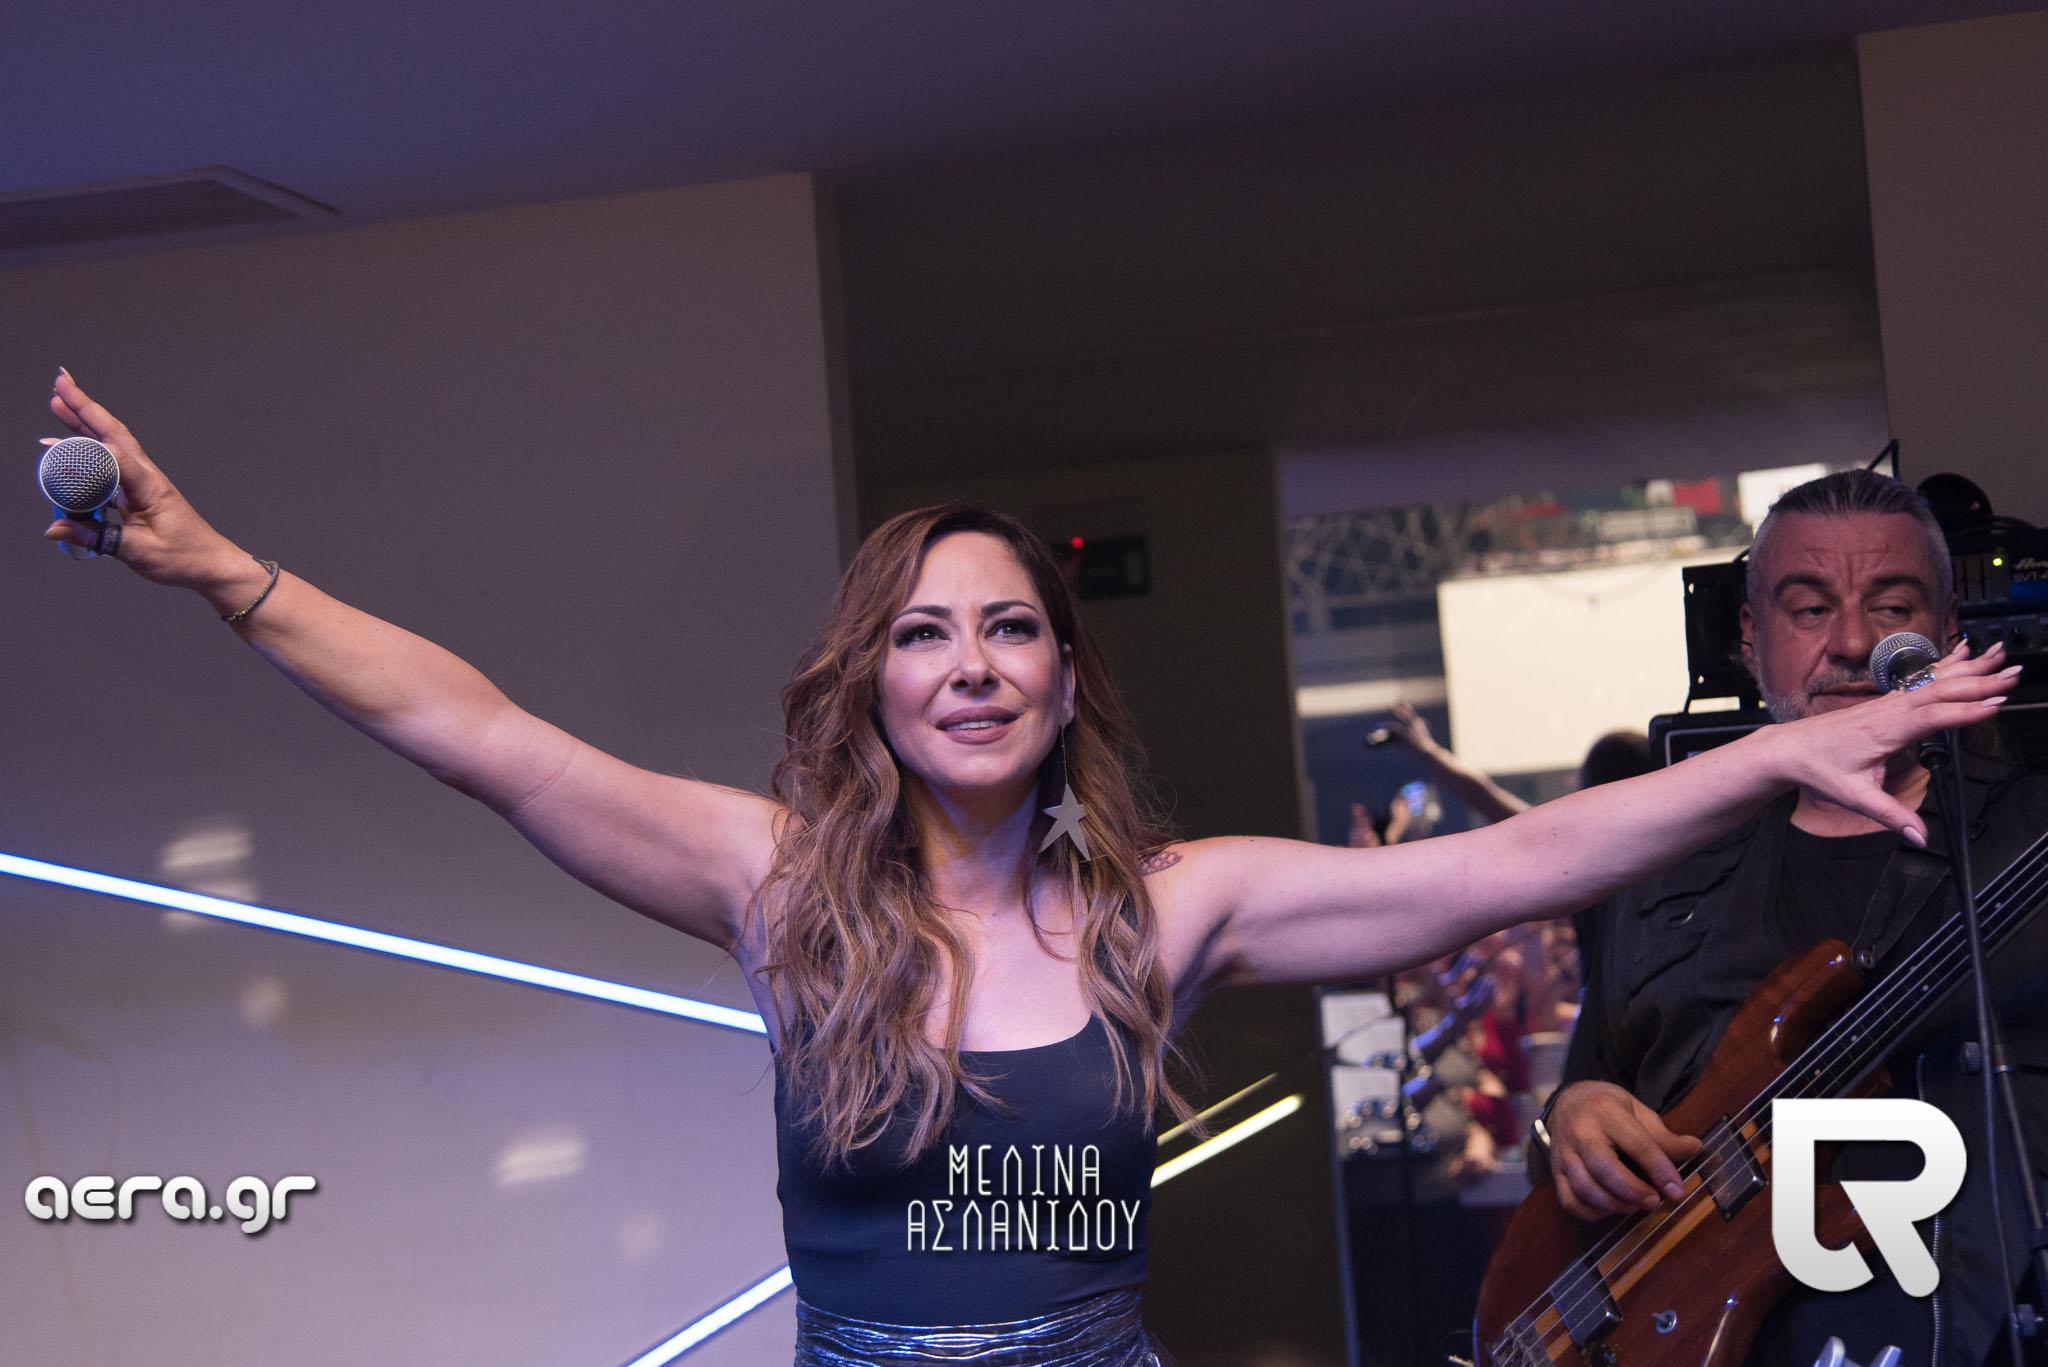 Η Μελίνα Ασλανίδου μας χάρισε μια μοναδική συναυλία στα Χανιά (φωτο + video)